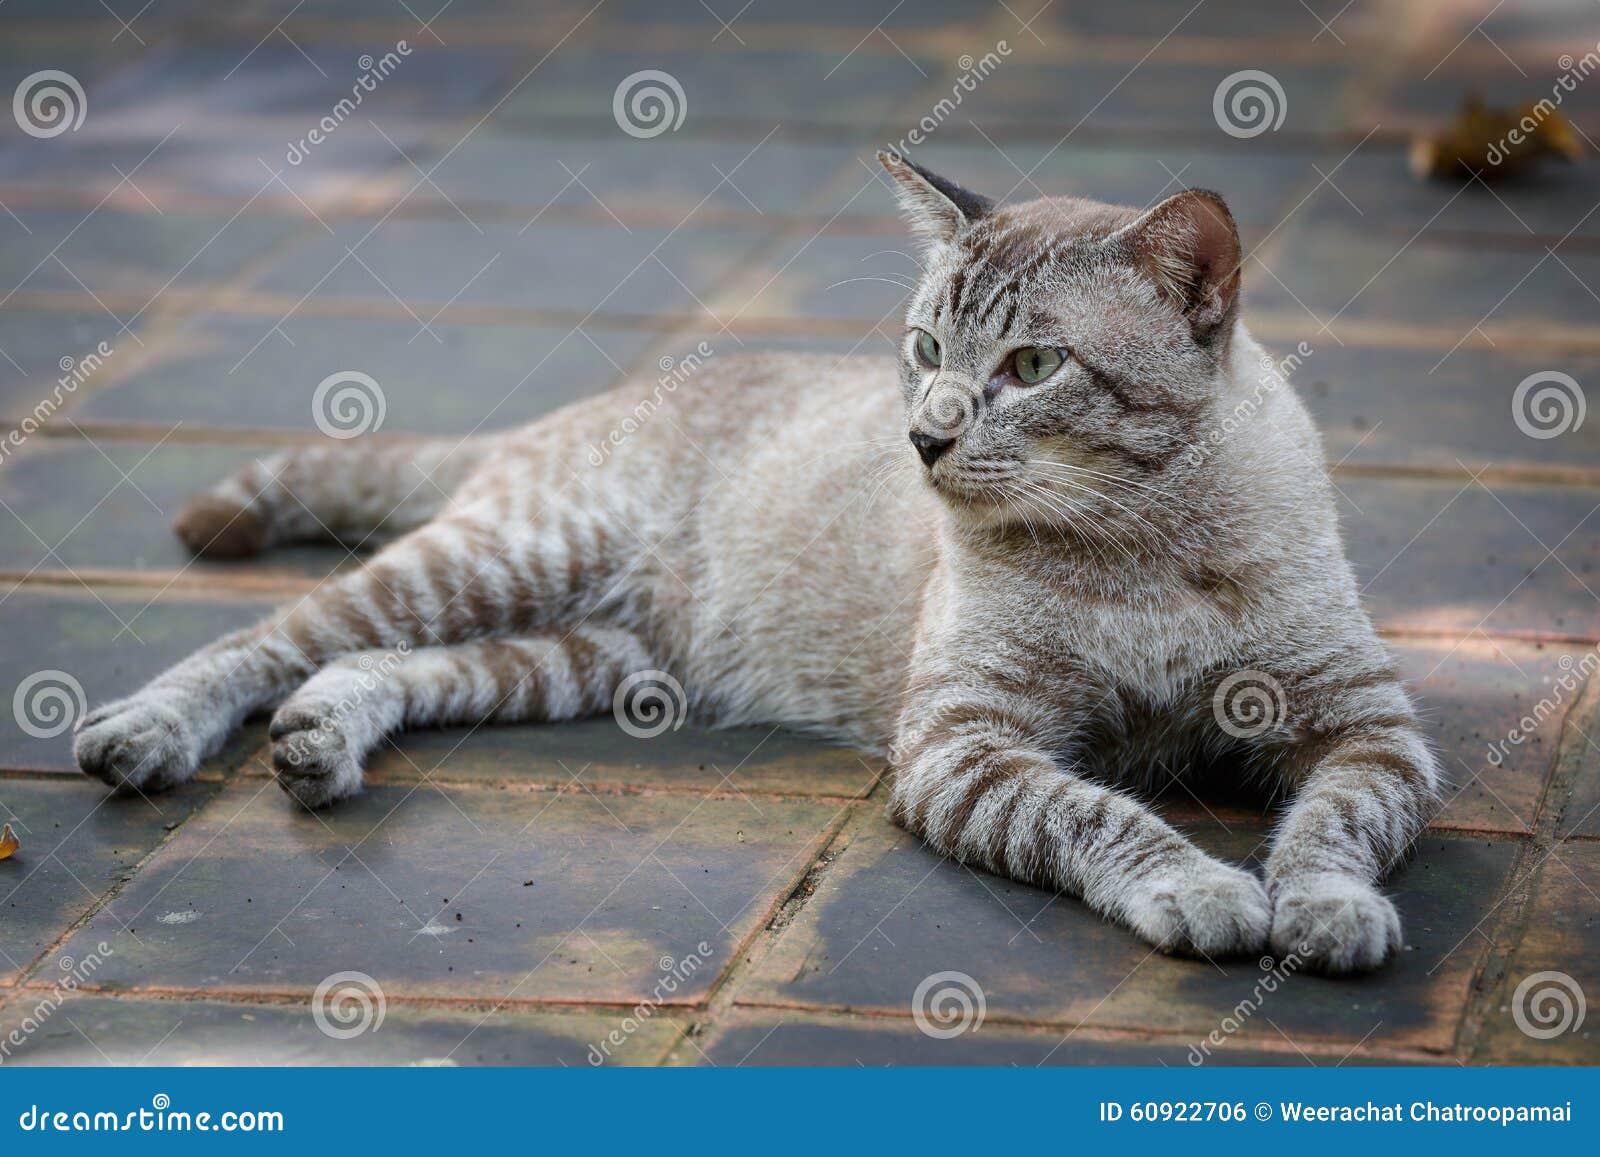 Tomcat regardant quelque chose